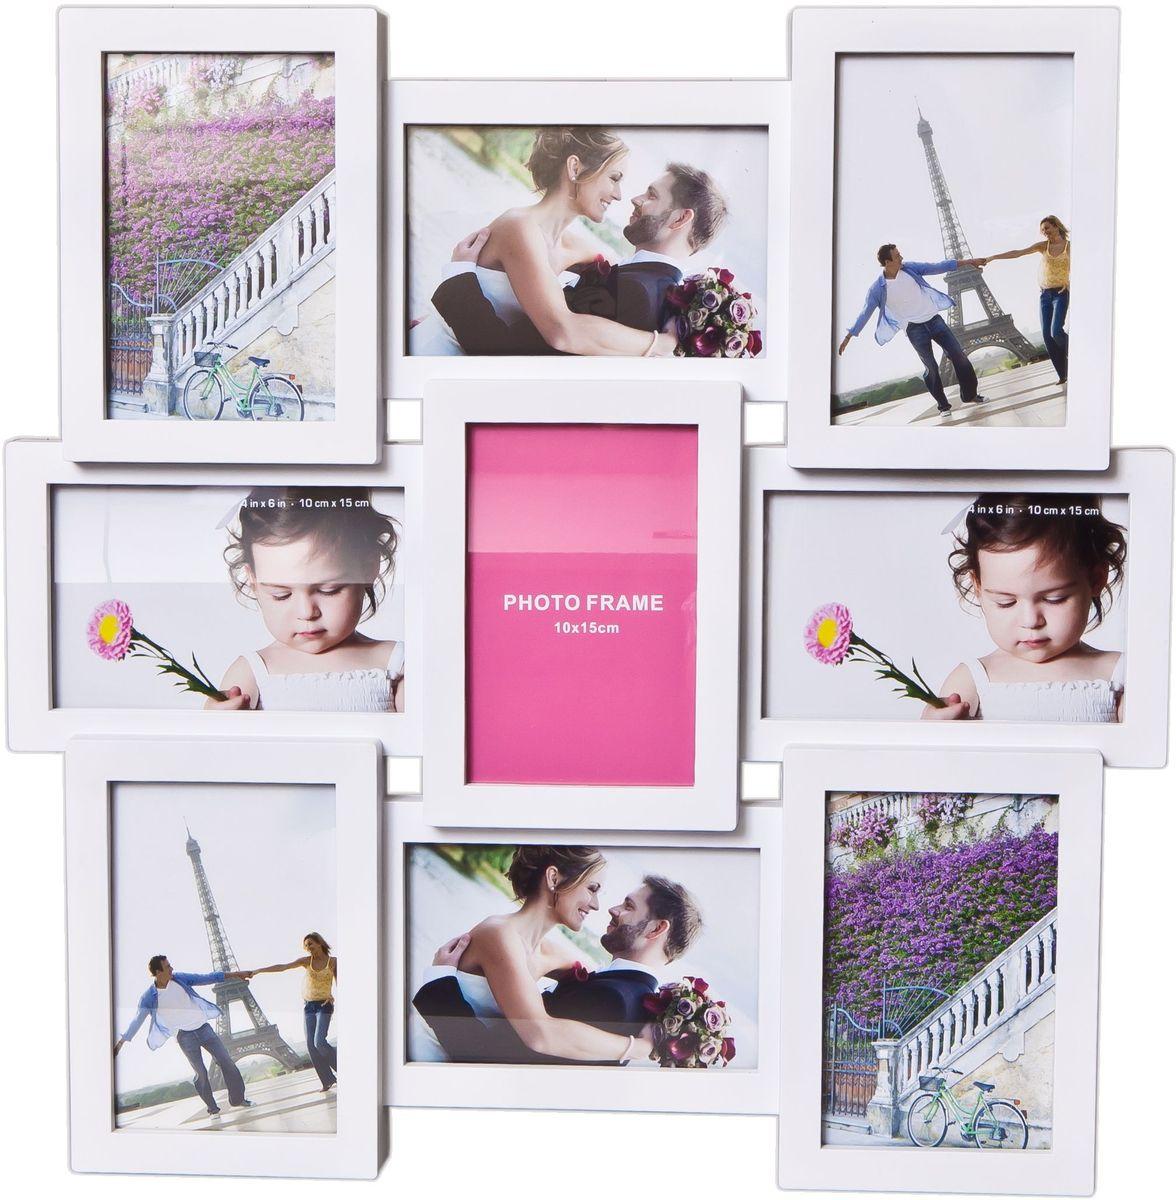 Фоторамка Platinum, цвет: белый, на 9 фото 10 х 15 см. BH-2209PLATINUM BH-1302-White-БелыйФоторамка Platinum - прекрасный способ красиво оформить ваши фотографии. Фоторамка выполнена из пластика и защищена стеклом. Фоторамка-коллаж представляет собой девять фоторамок для фото одного размера оригинально соединенных между собой. Такая фоторамка поможет сохранить в памяти самые яркие моменты вашей жизни, а стильный дизайн сделает ее прекрасным дополнением интерьера комнаты. Фоторамка подходит для фотографий 10 х 15 см.Общий размер фоторамки: 44 х 44 см.